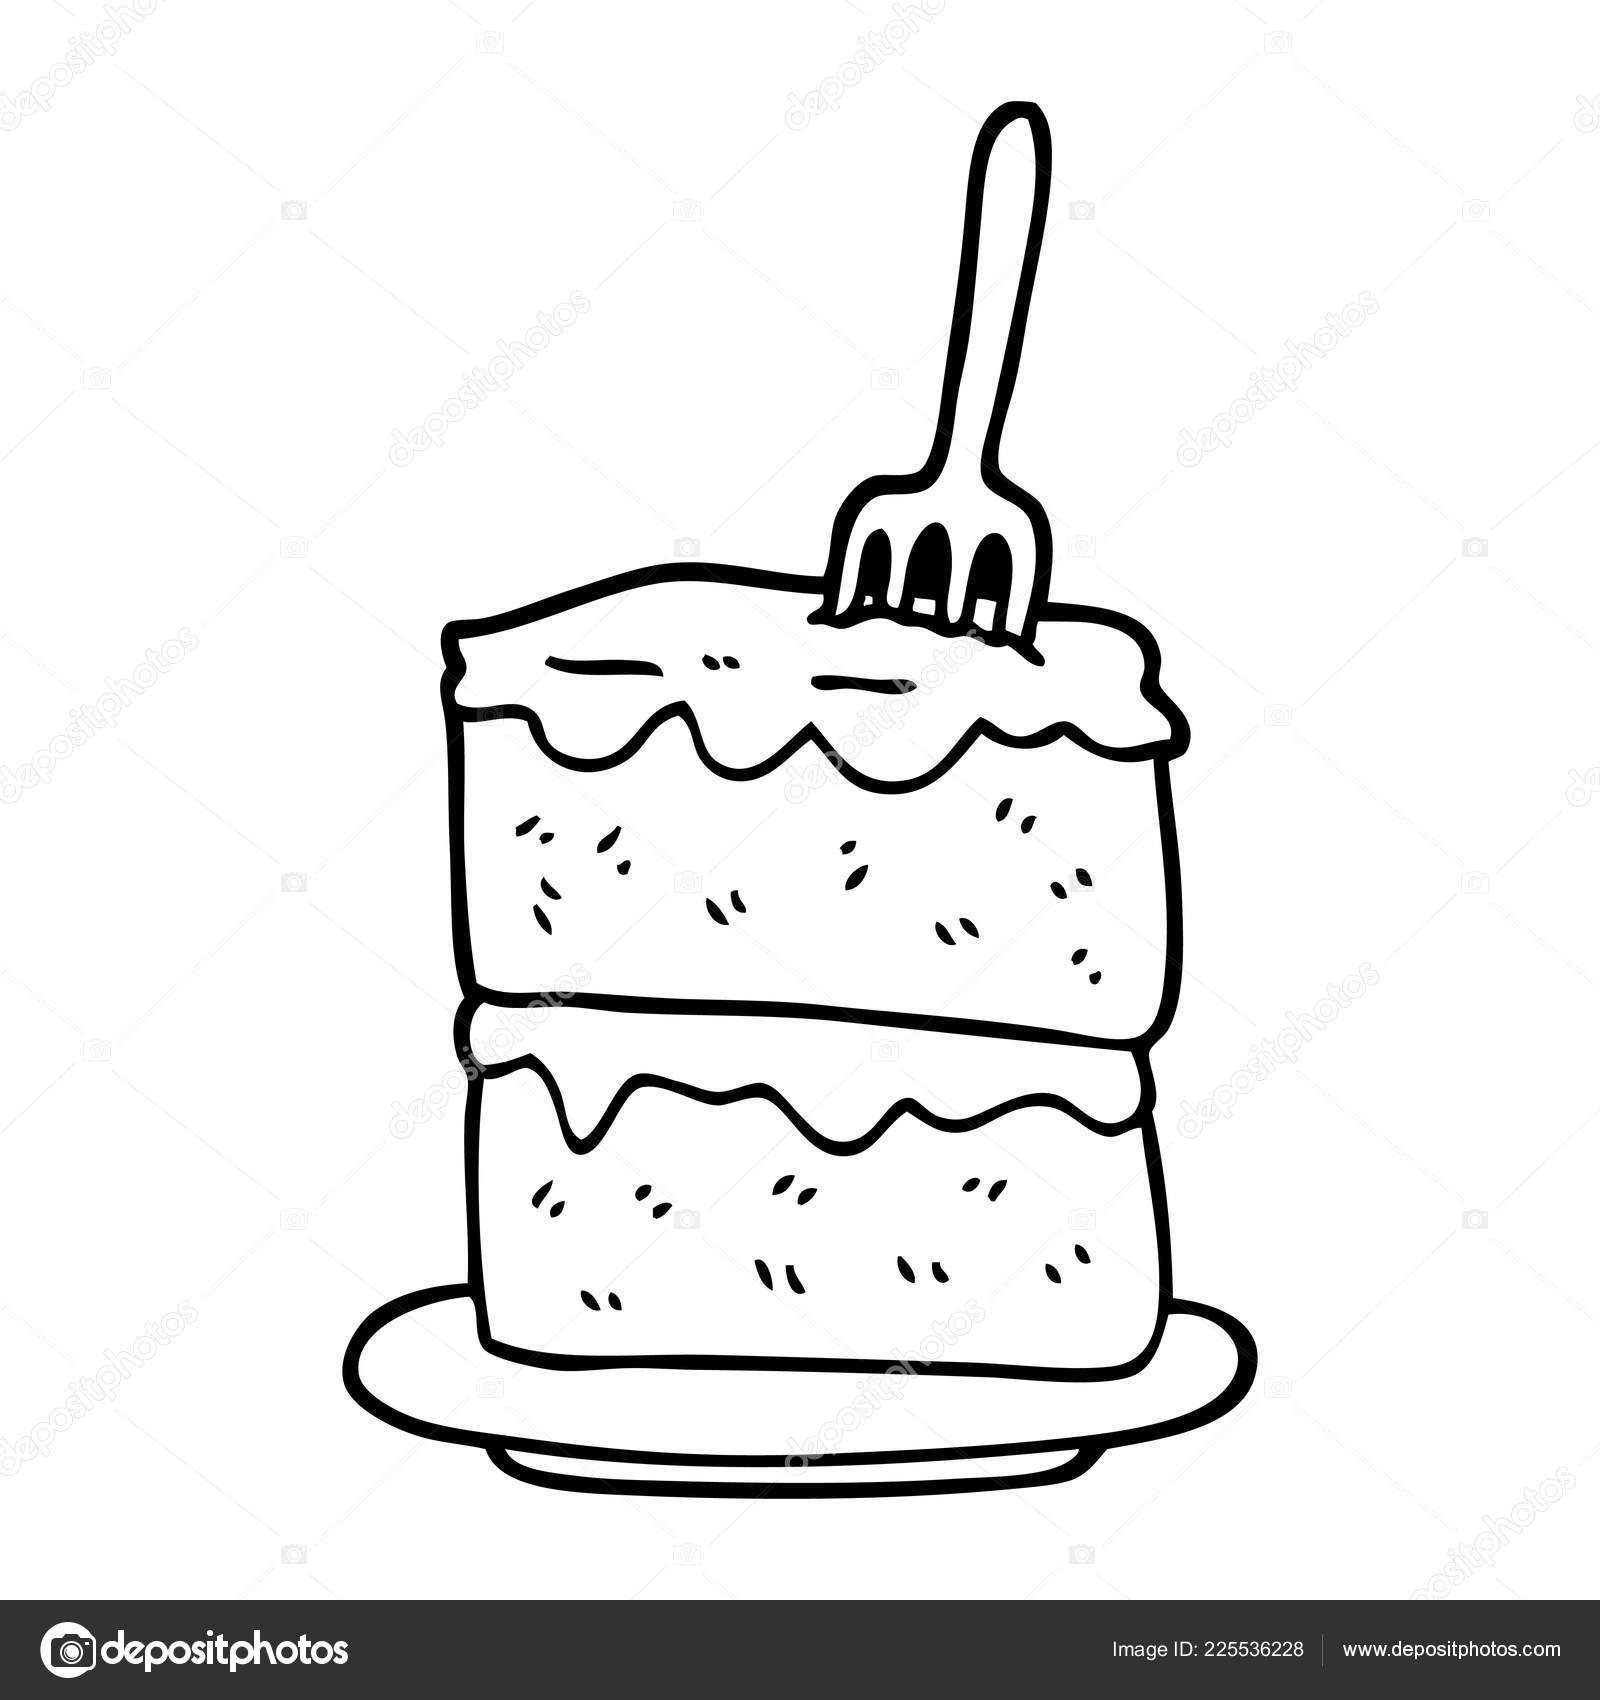 Schwarze Und Weisse Cartoon Stuck Kuchen Stockvektor